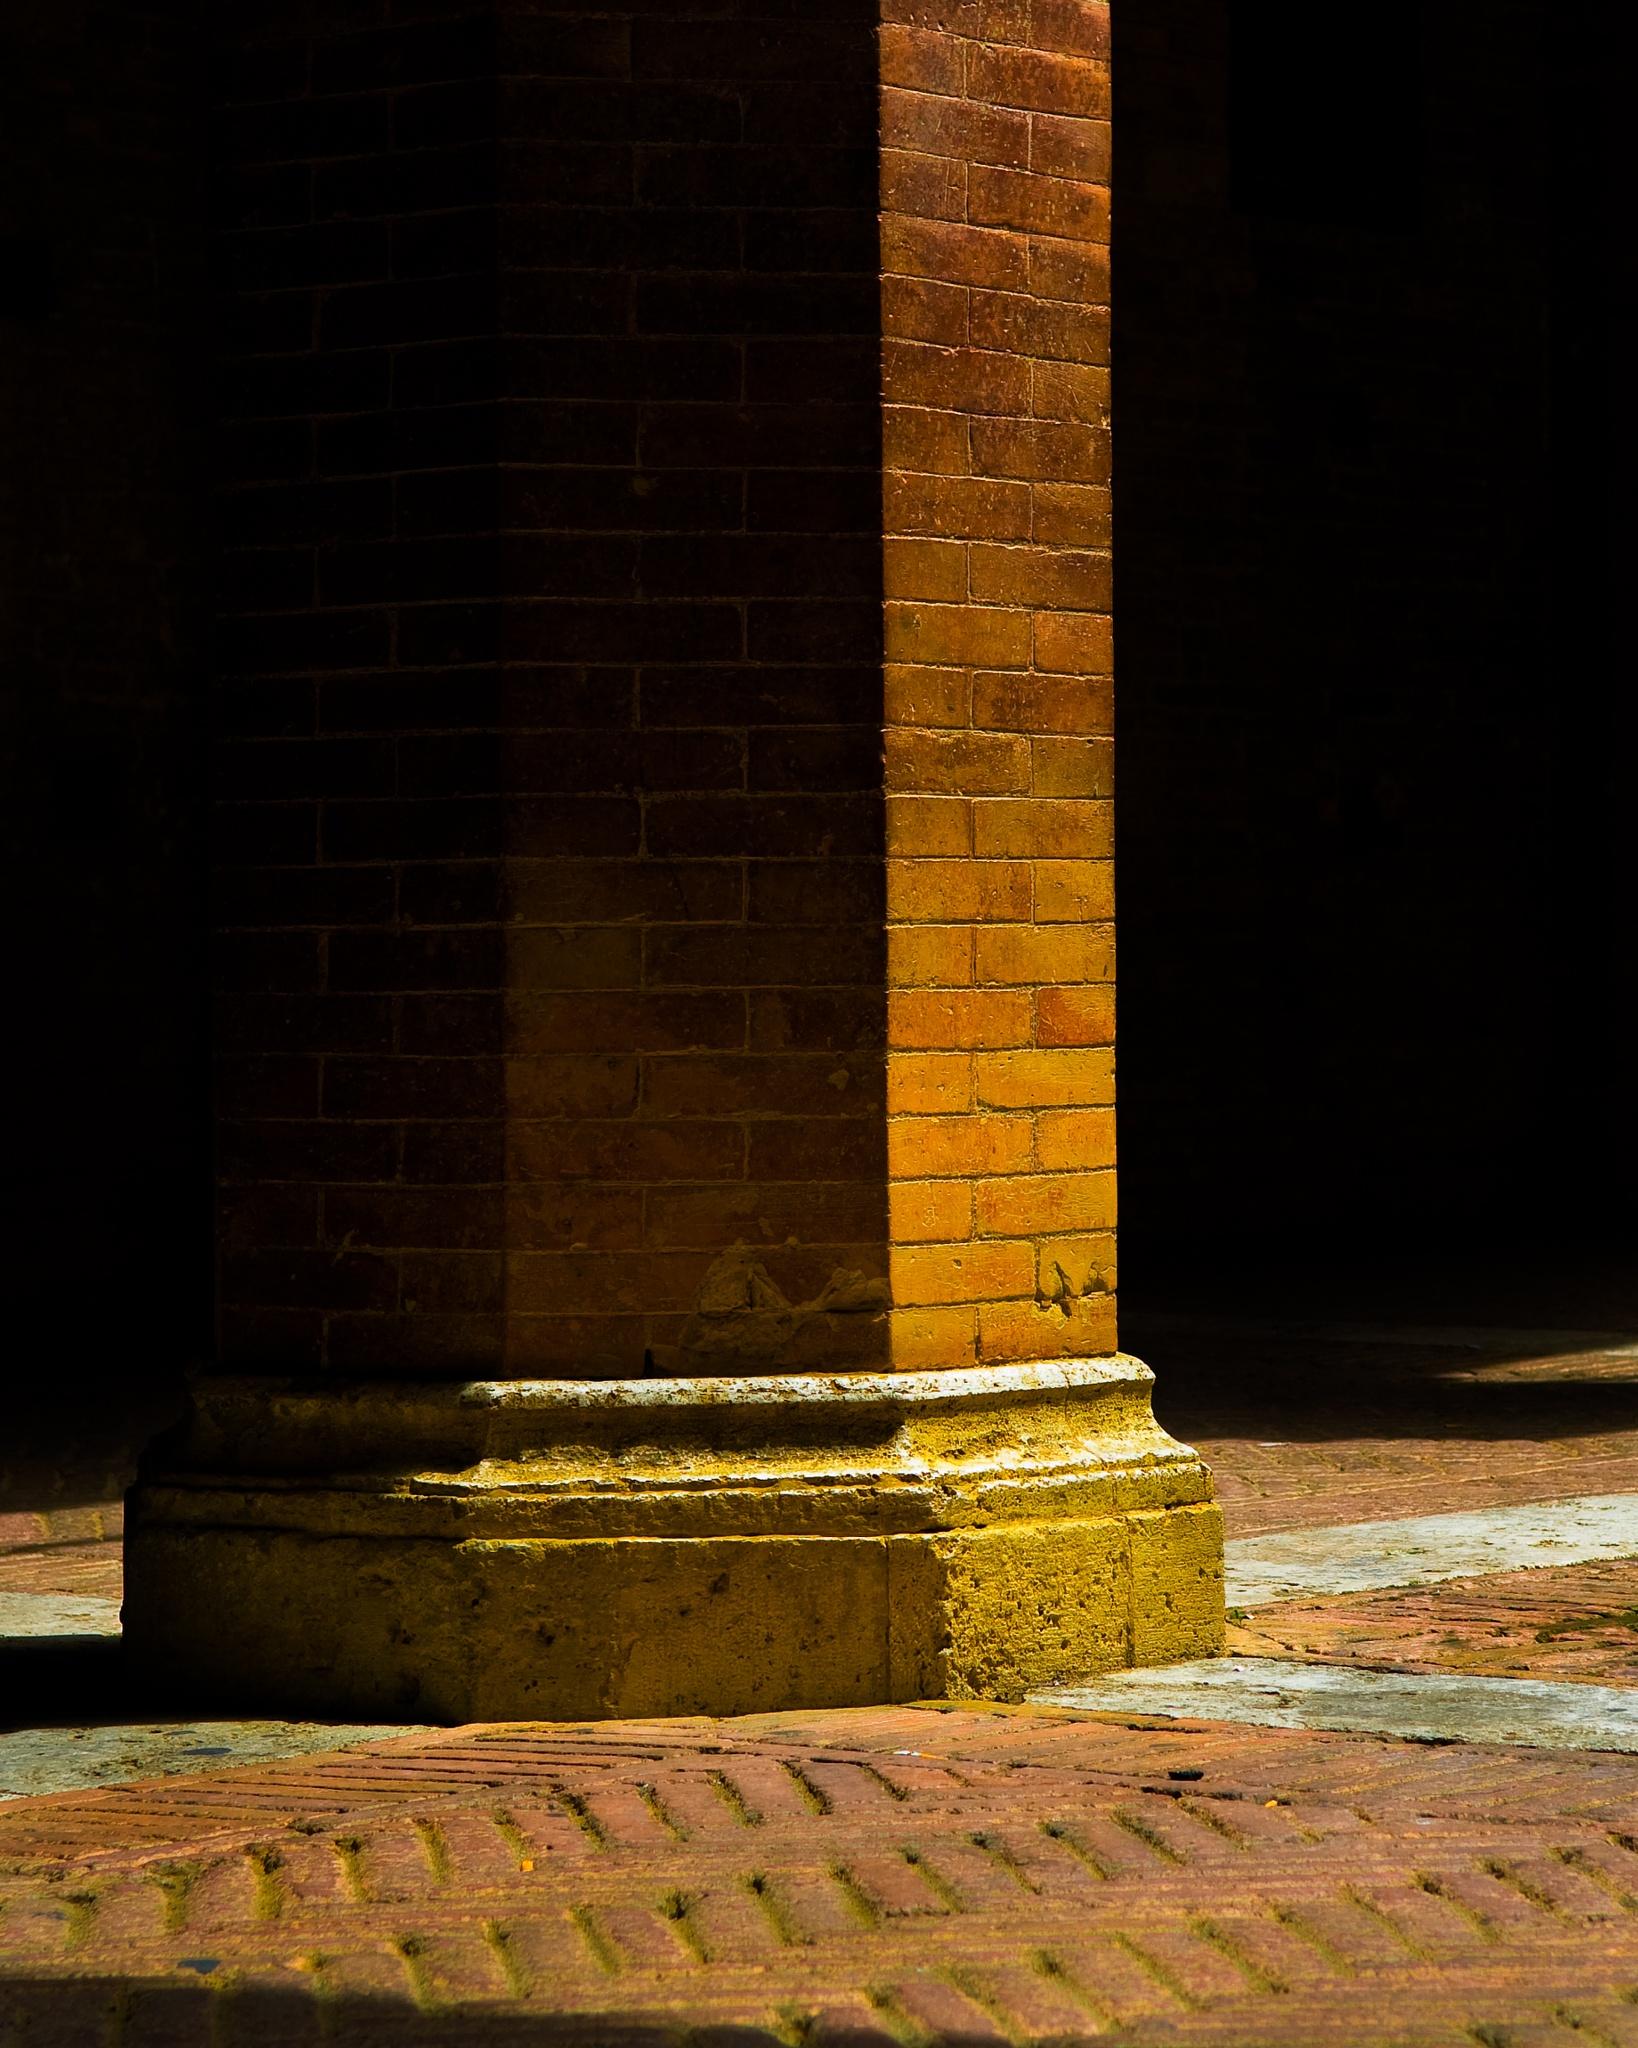 Stone Pillar by Eric Kazmirek